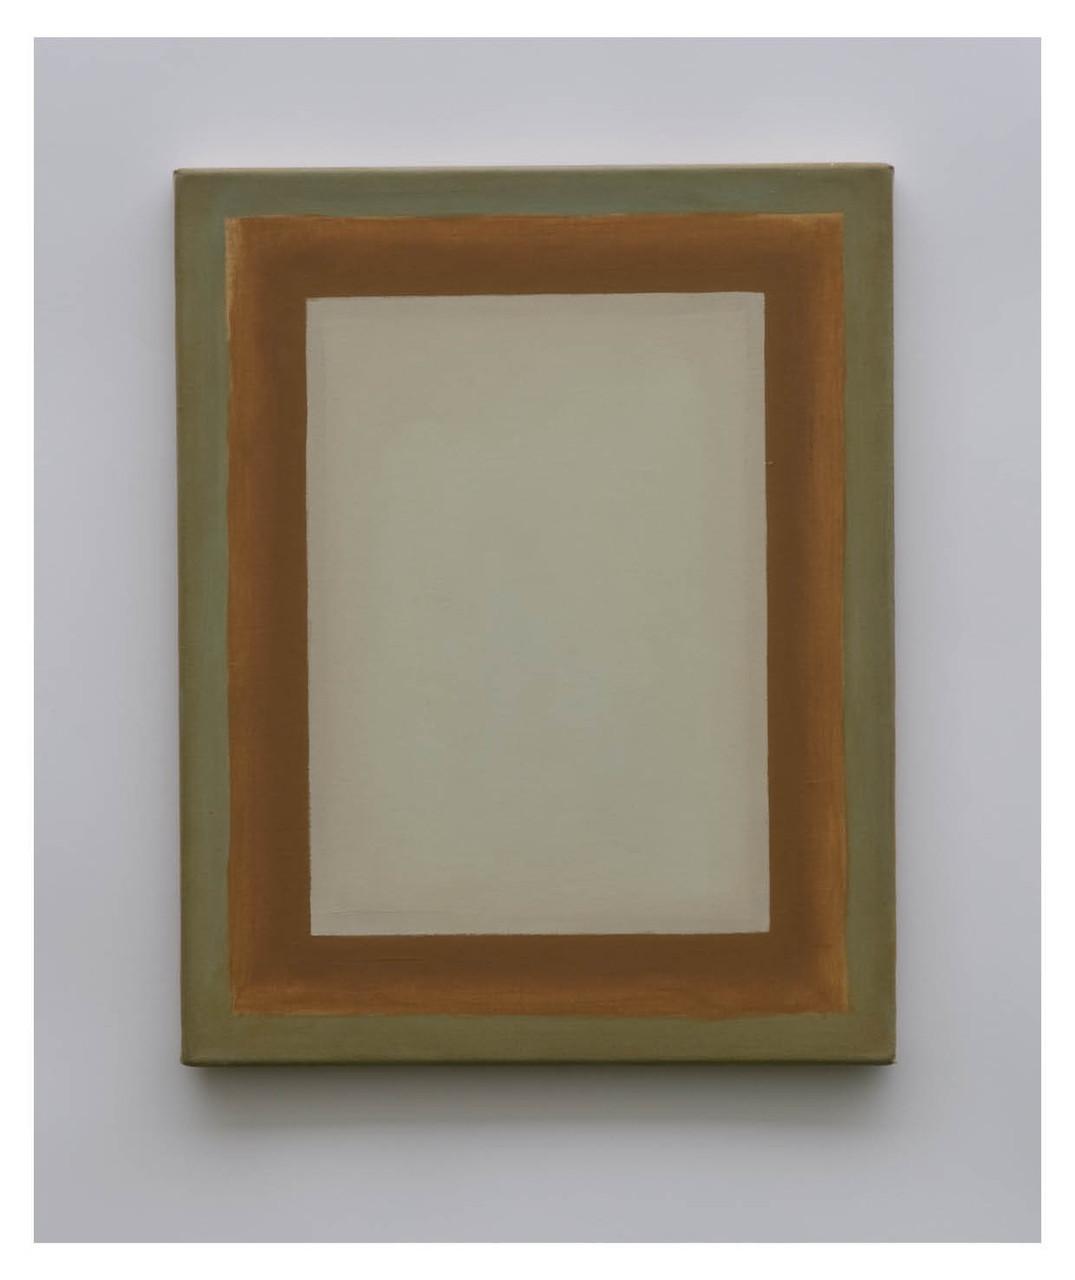 Ohne Titel, 2008, Öl auf Leinwand, 49 x 39 cm